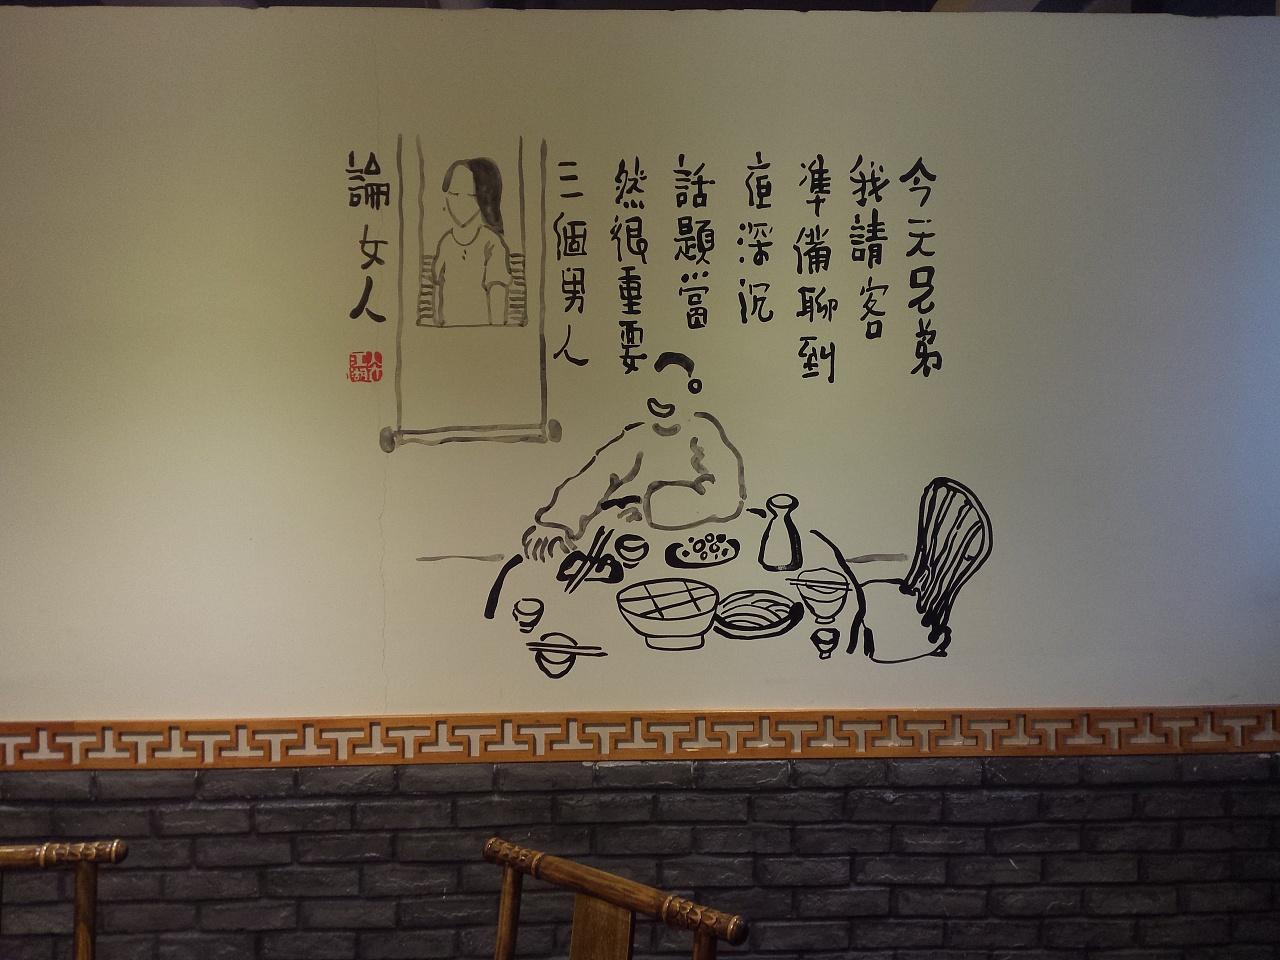 太原批把园火锅店手绘墙绘墙体彩绘.太原幼儿园文化墙